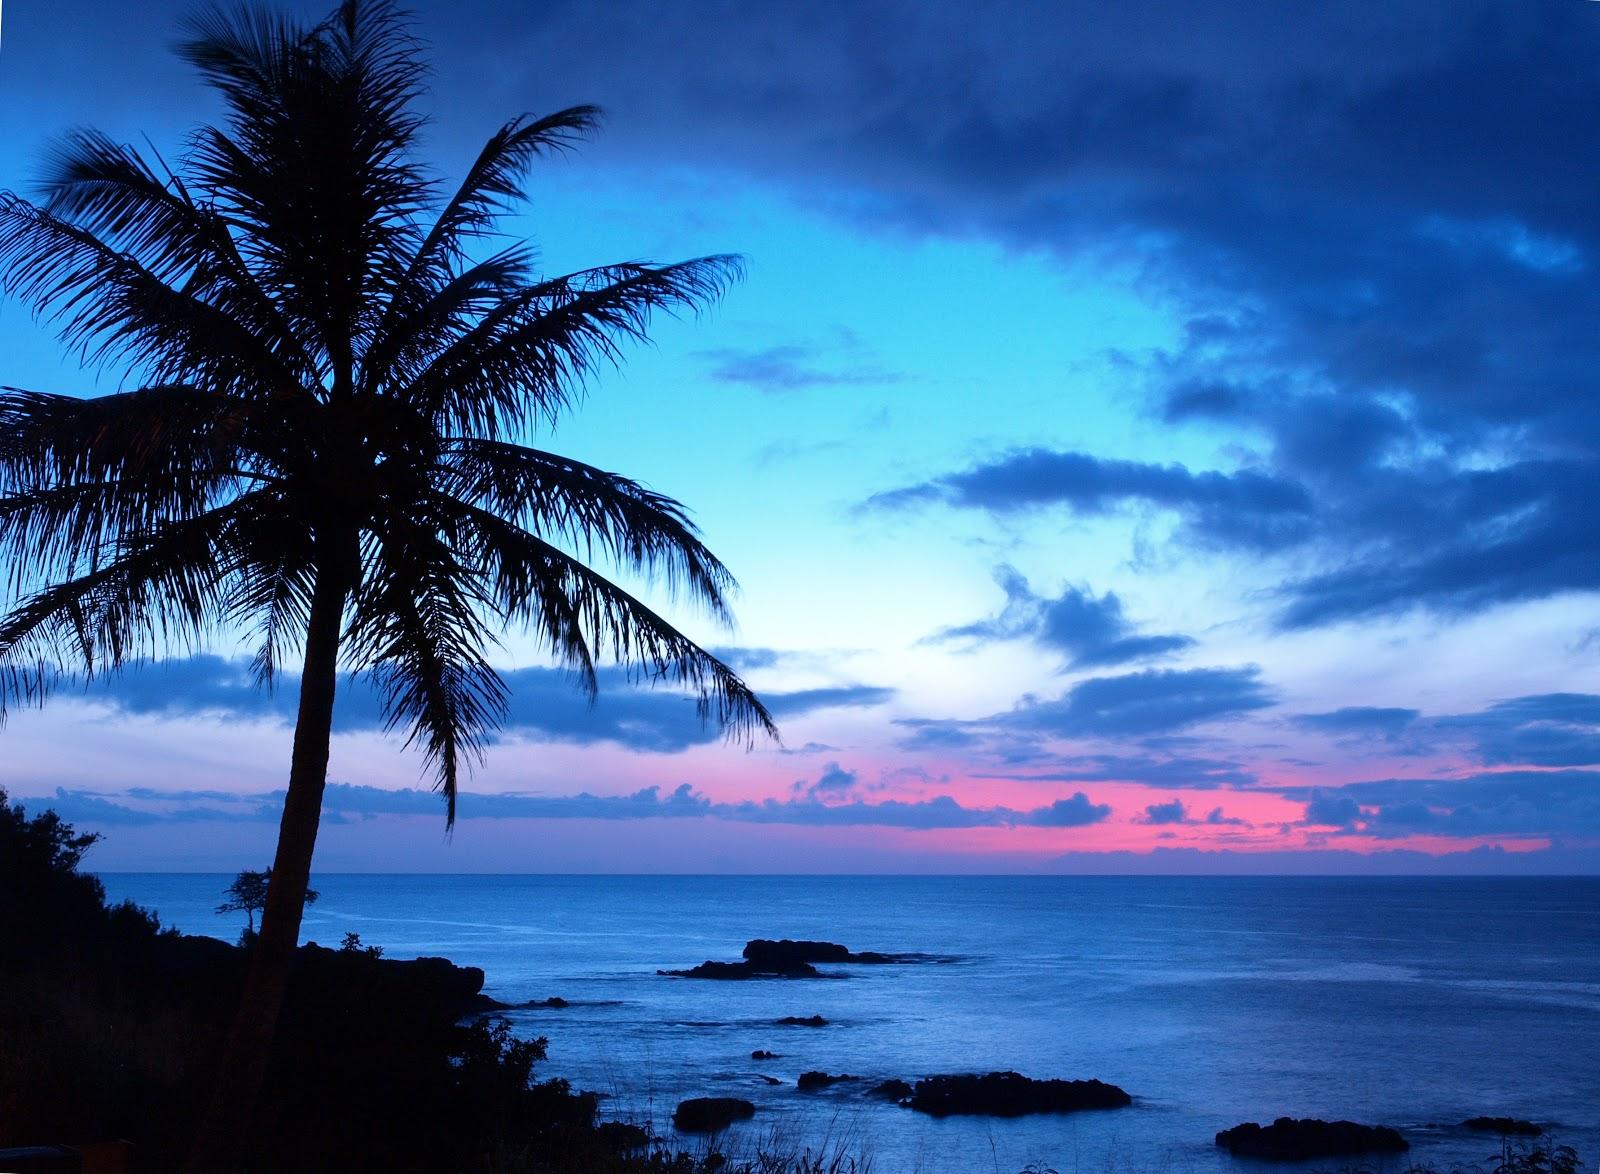 Live Like a Local on Oahu